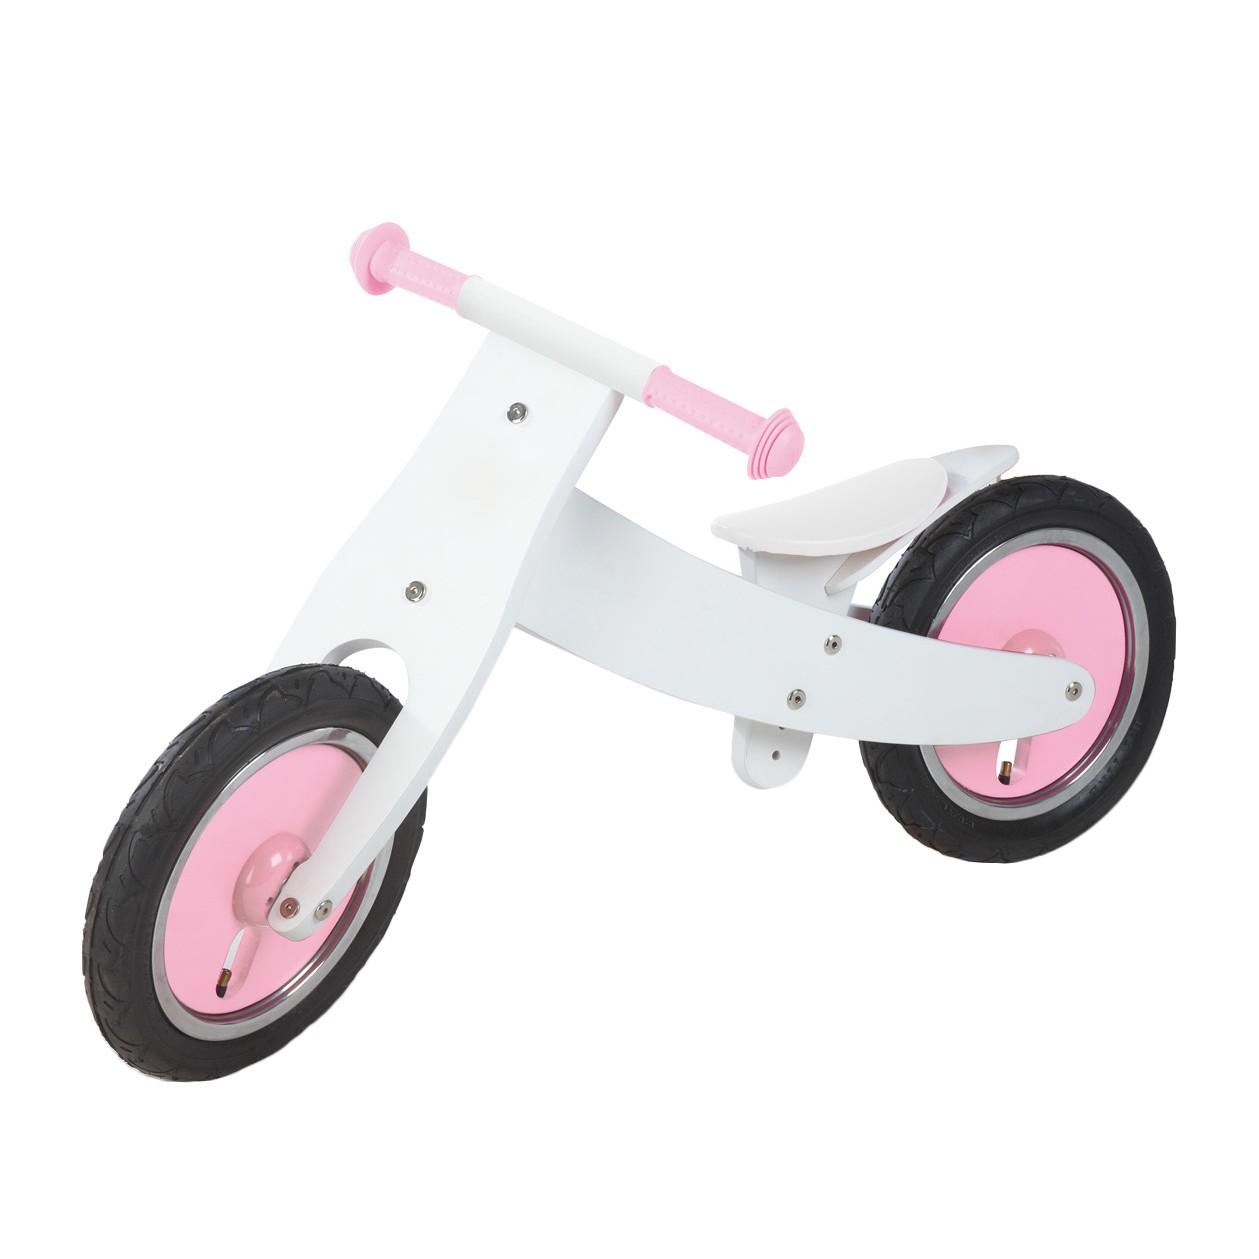 Laufrad Pinky - Birke massiv - Weiß / Rosa, Pin...